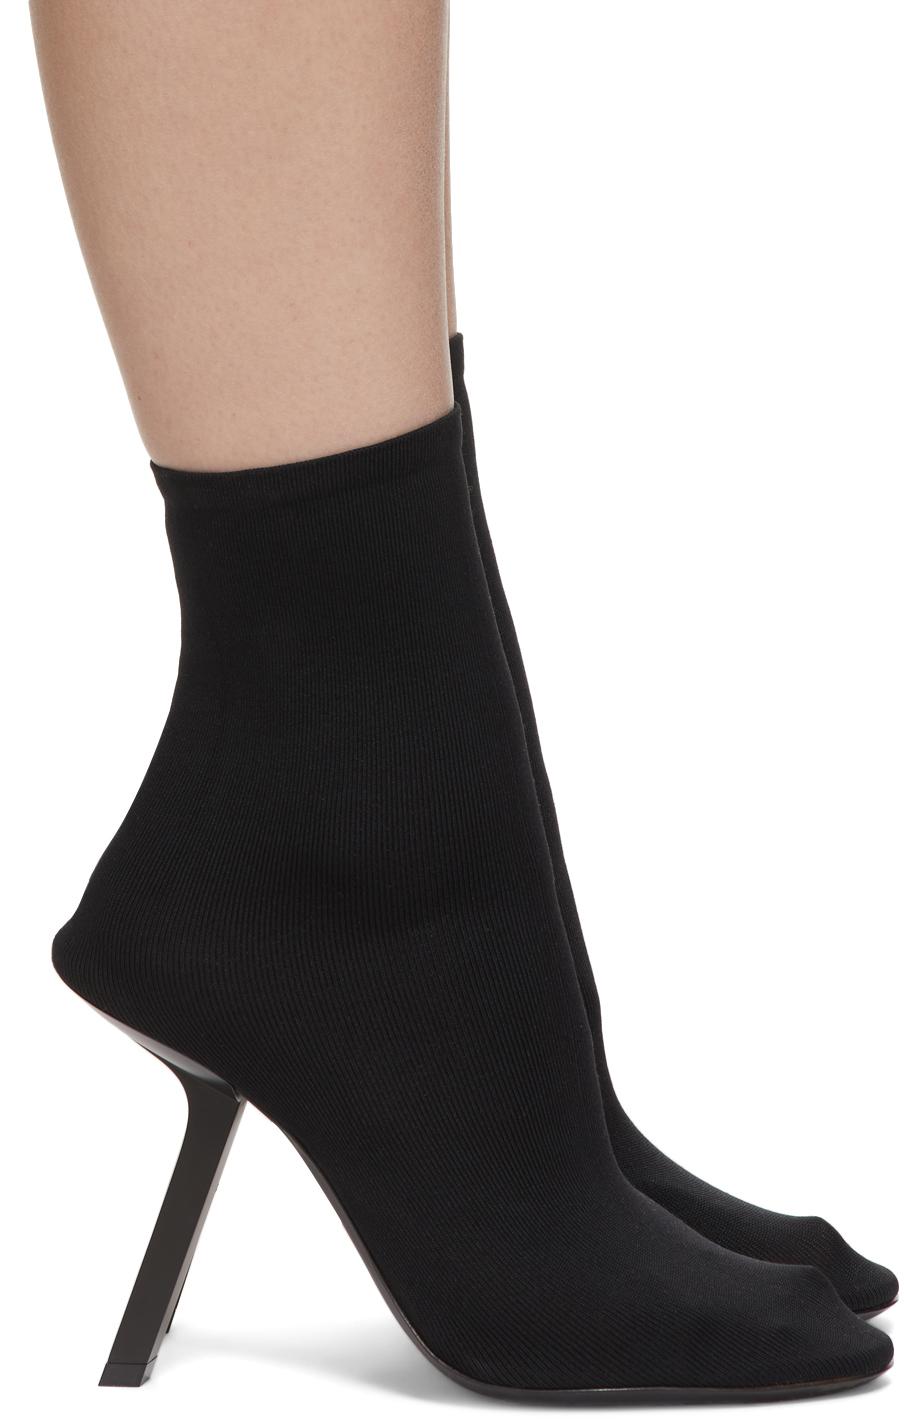 Balenciaga 黑色 Stretch 踝靴